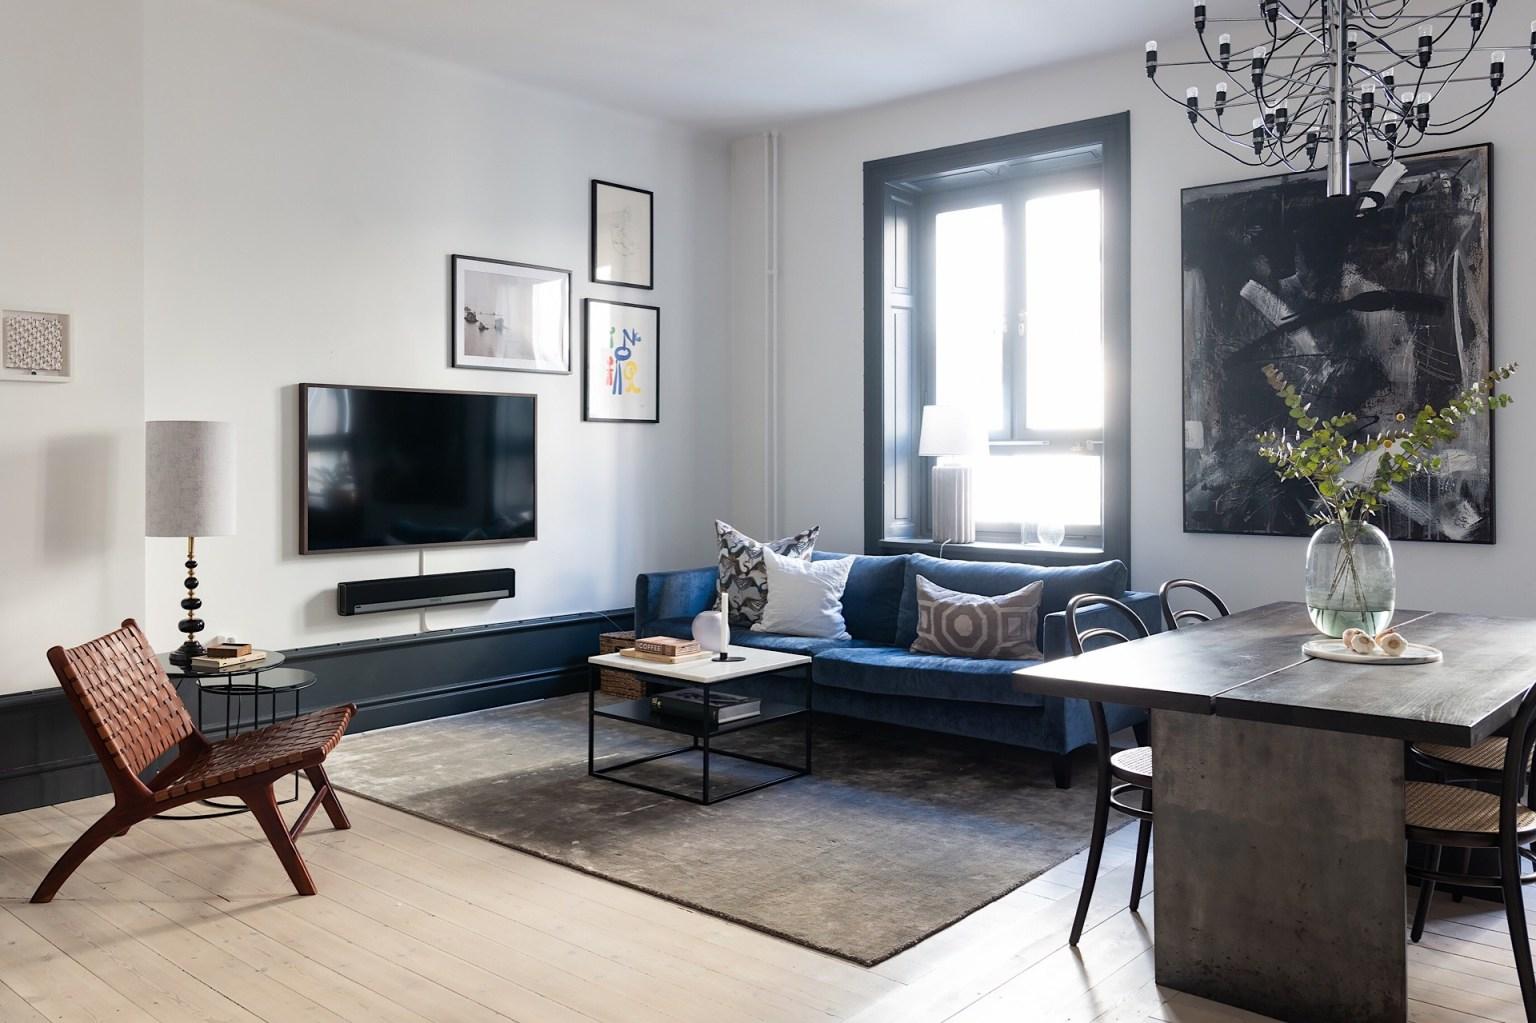 Sofa được lựa chọn màu xanh cổ vịt, sàn gỗ và tường màu trắng. Những màu nền tươi sáng giúp điểm nhấn trang trí màu đen thêm nổi bật sắc nét hơn.